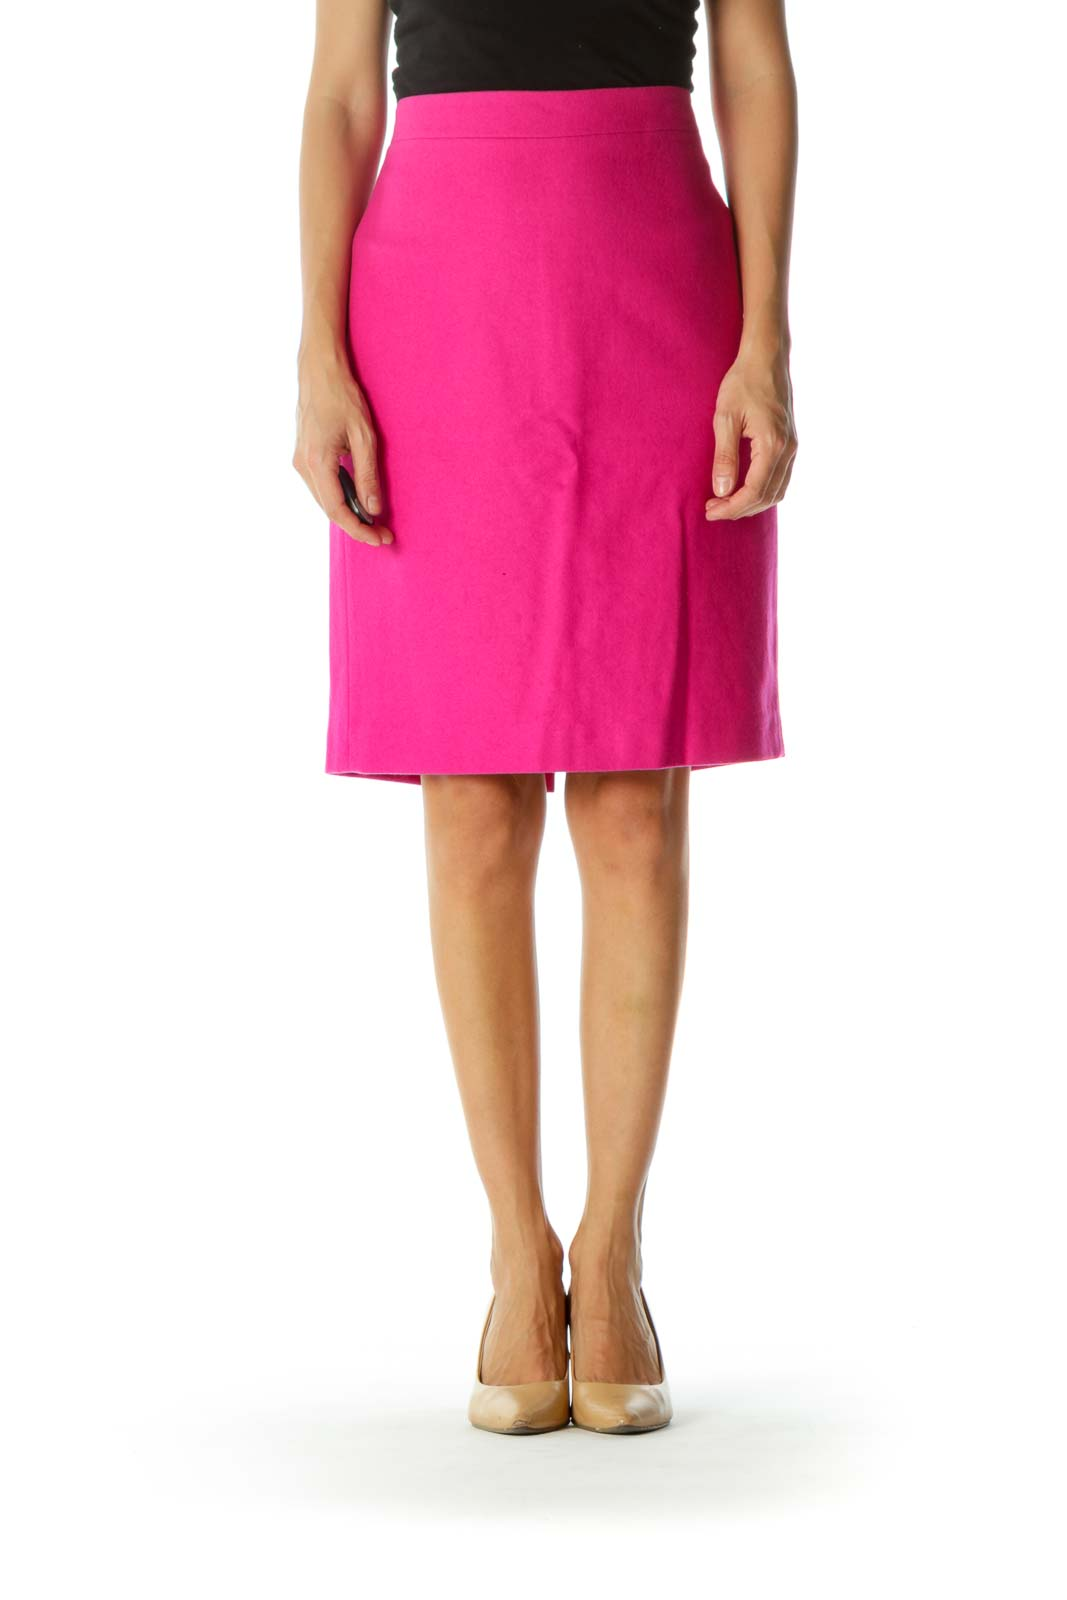 Hot Pink Wool Blend Textured Knit Skirt Front